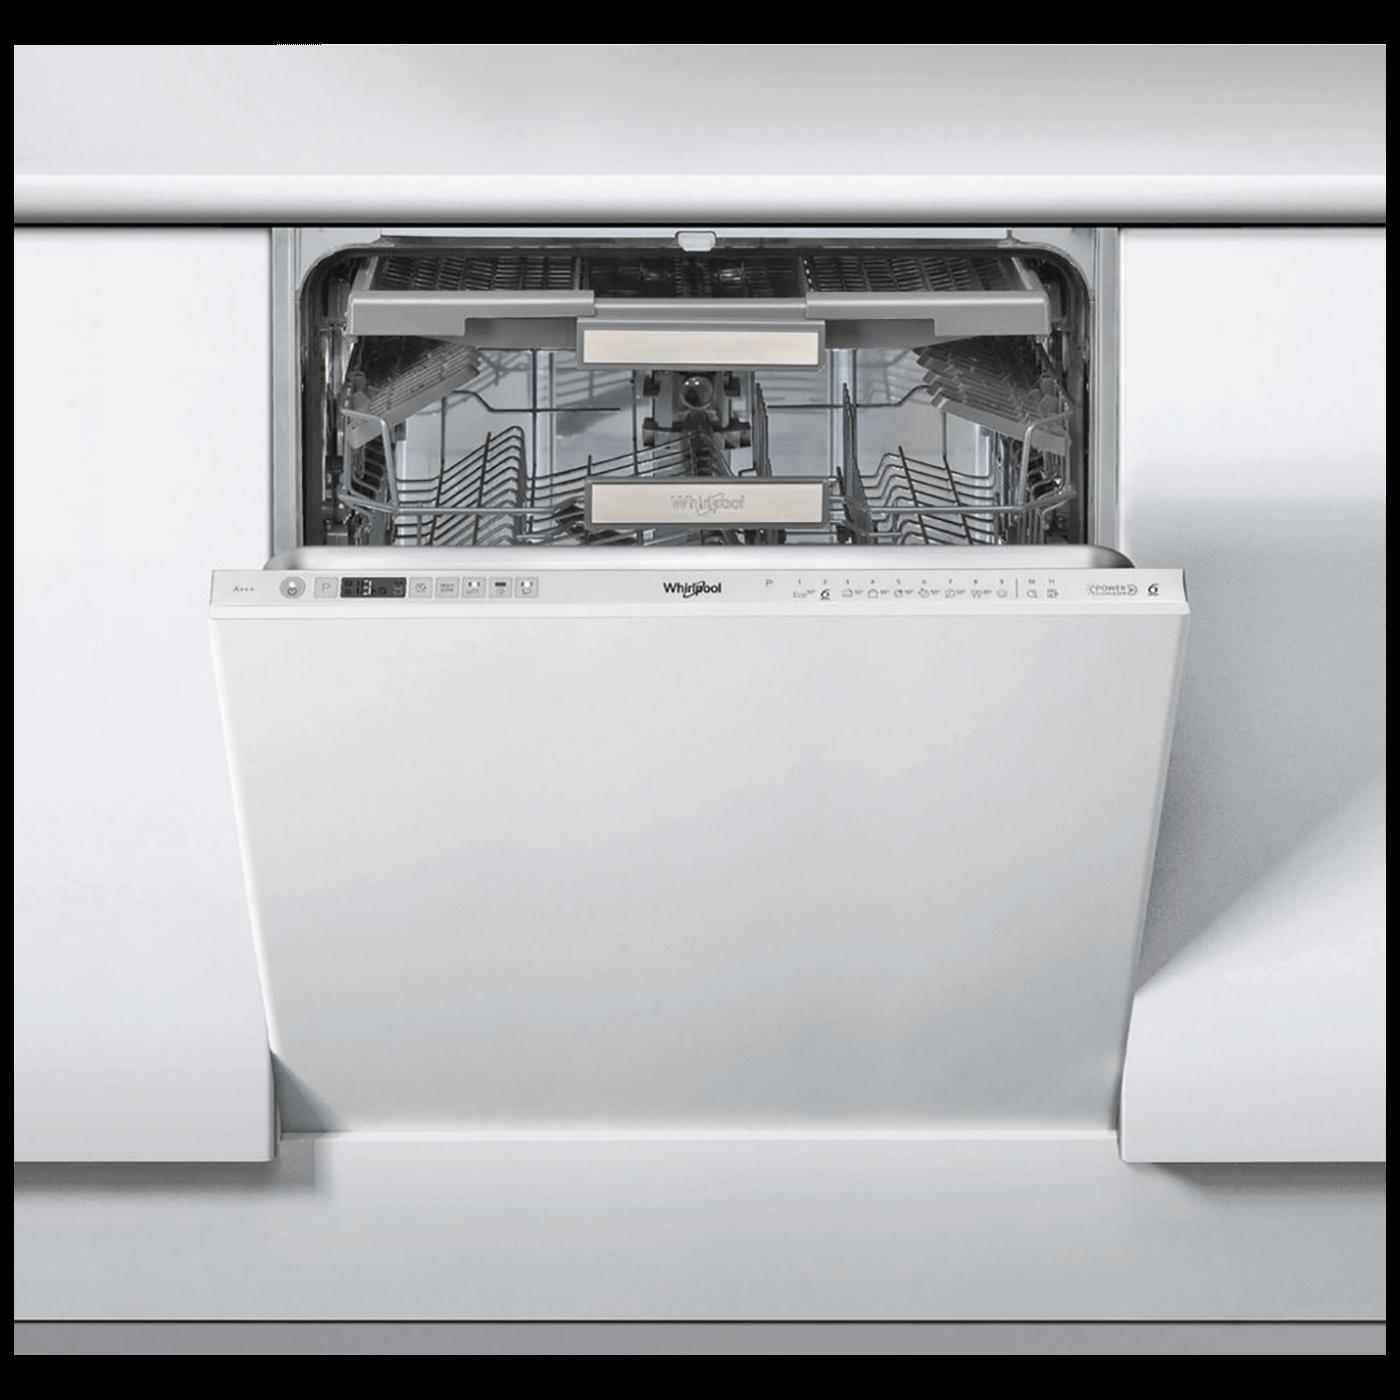 Mašina za suđe, 14 kompleta posuđa, 11 programa, , A+++